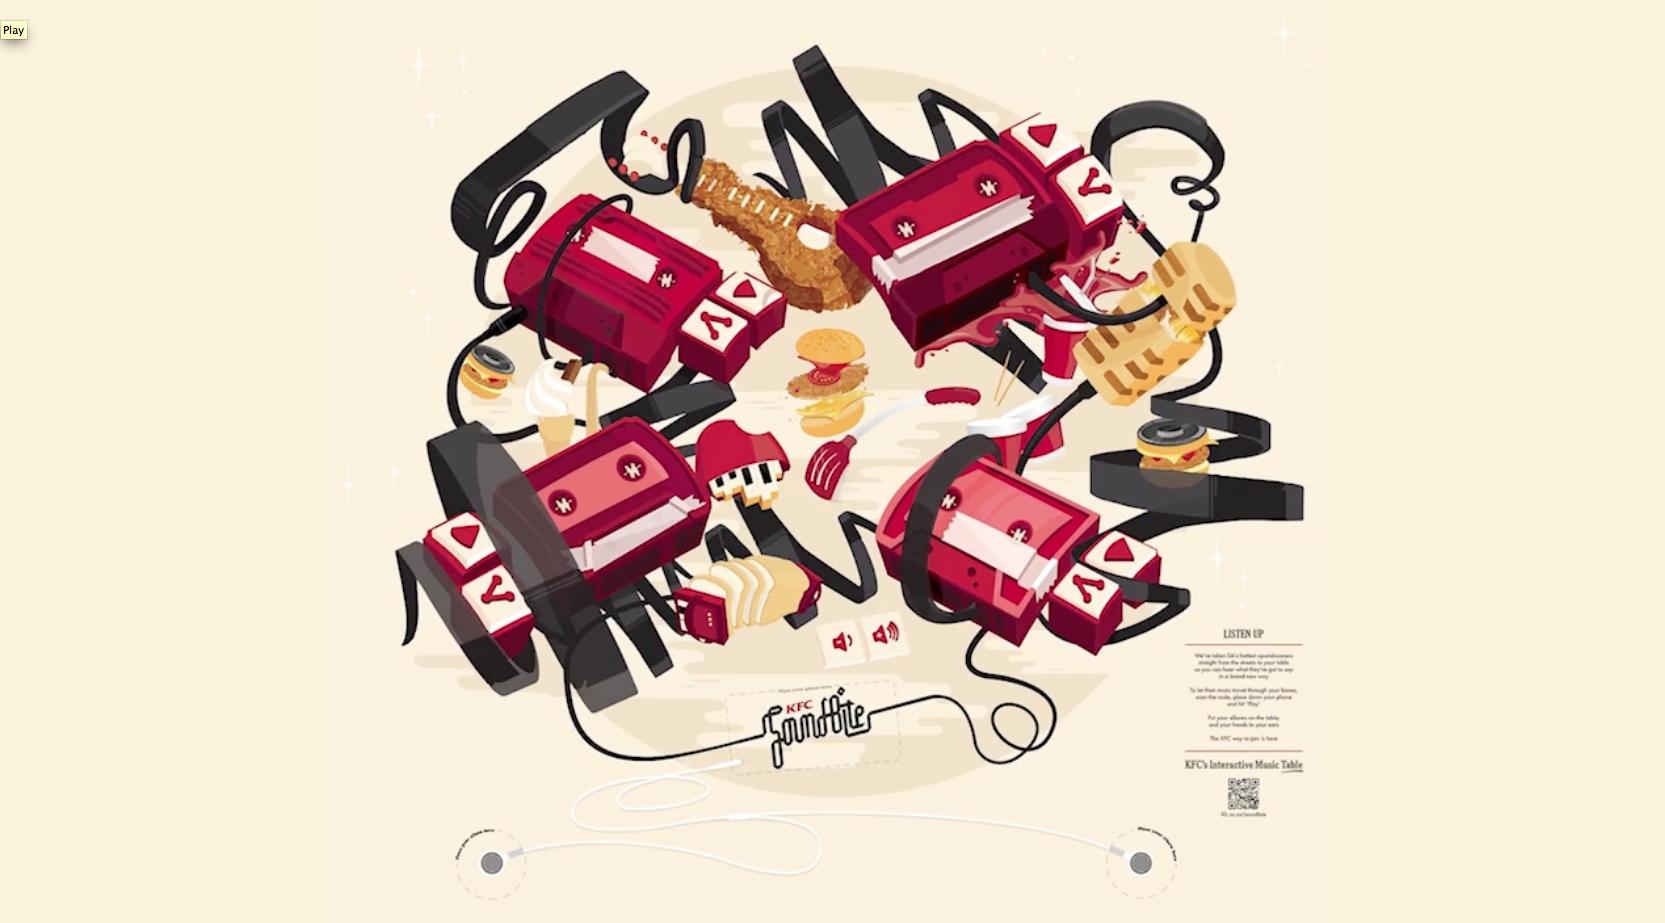 KFC Soundbite